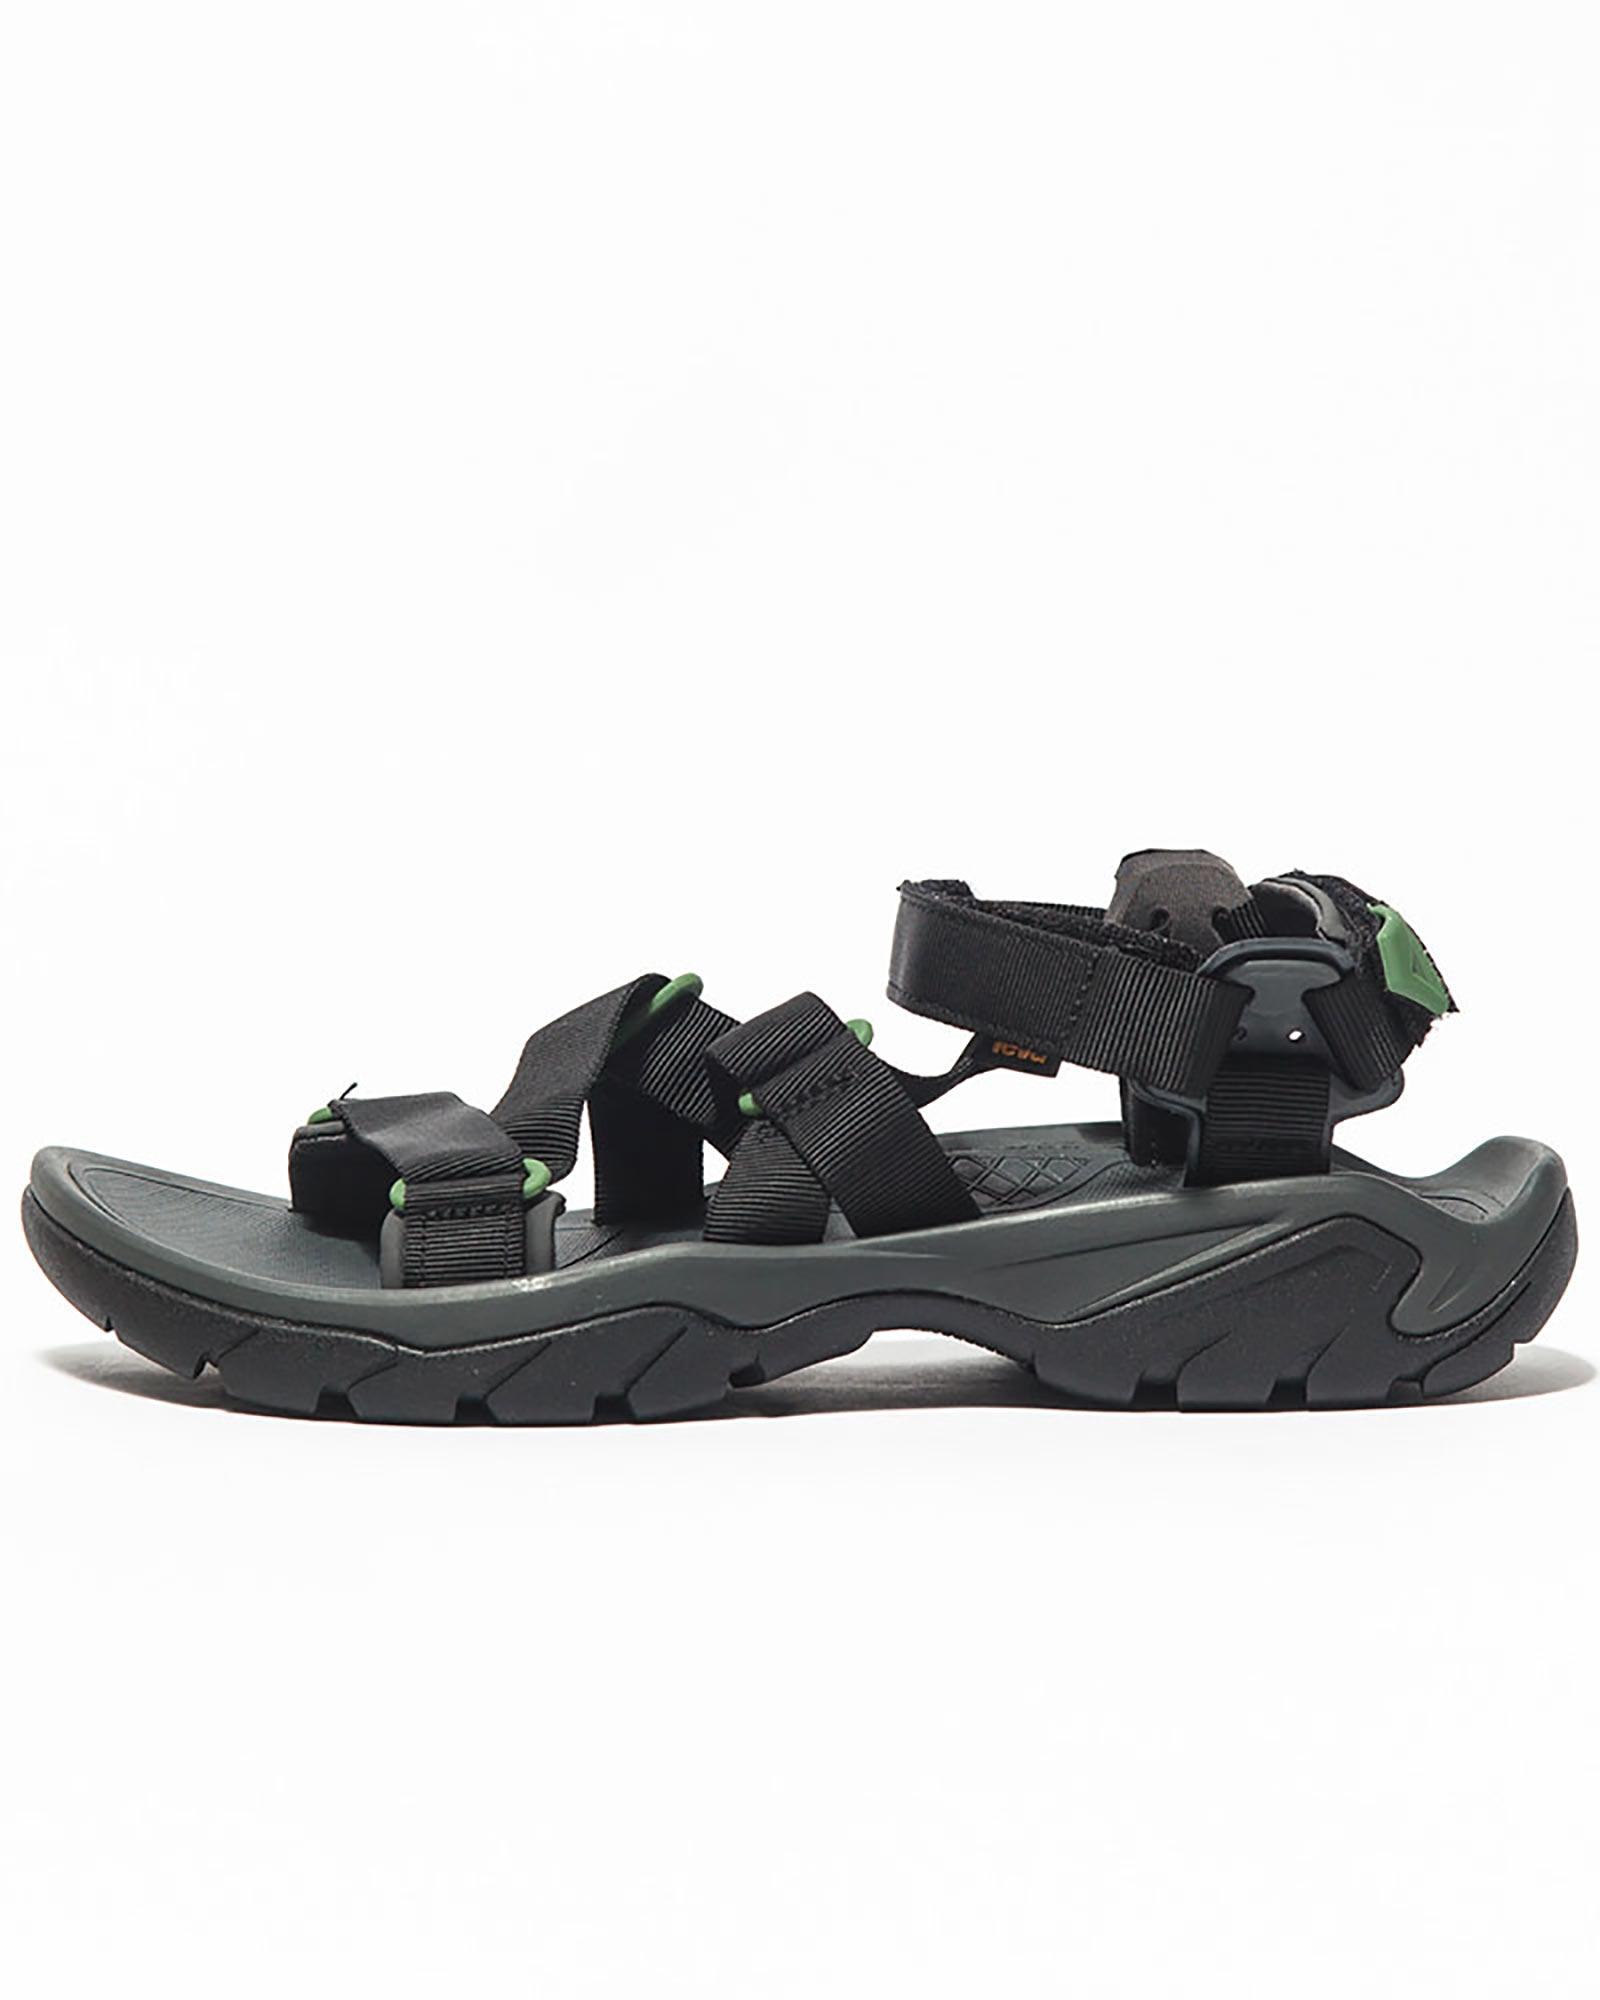 Teva Terra Fi 5 Sport Men's Sandals 0